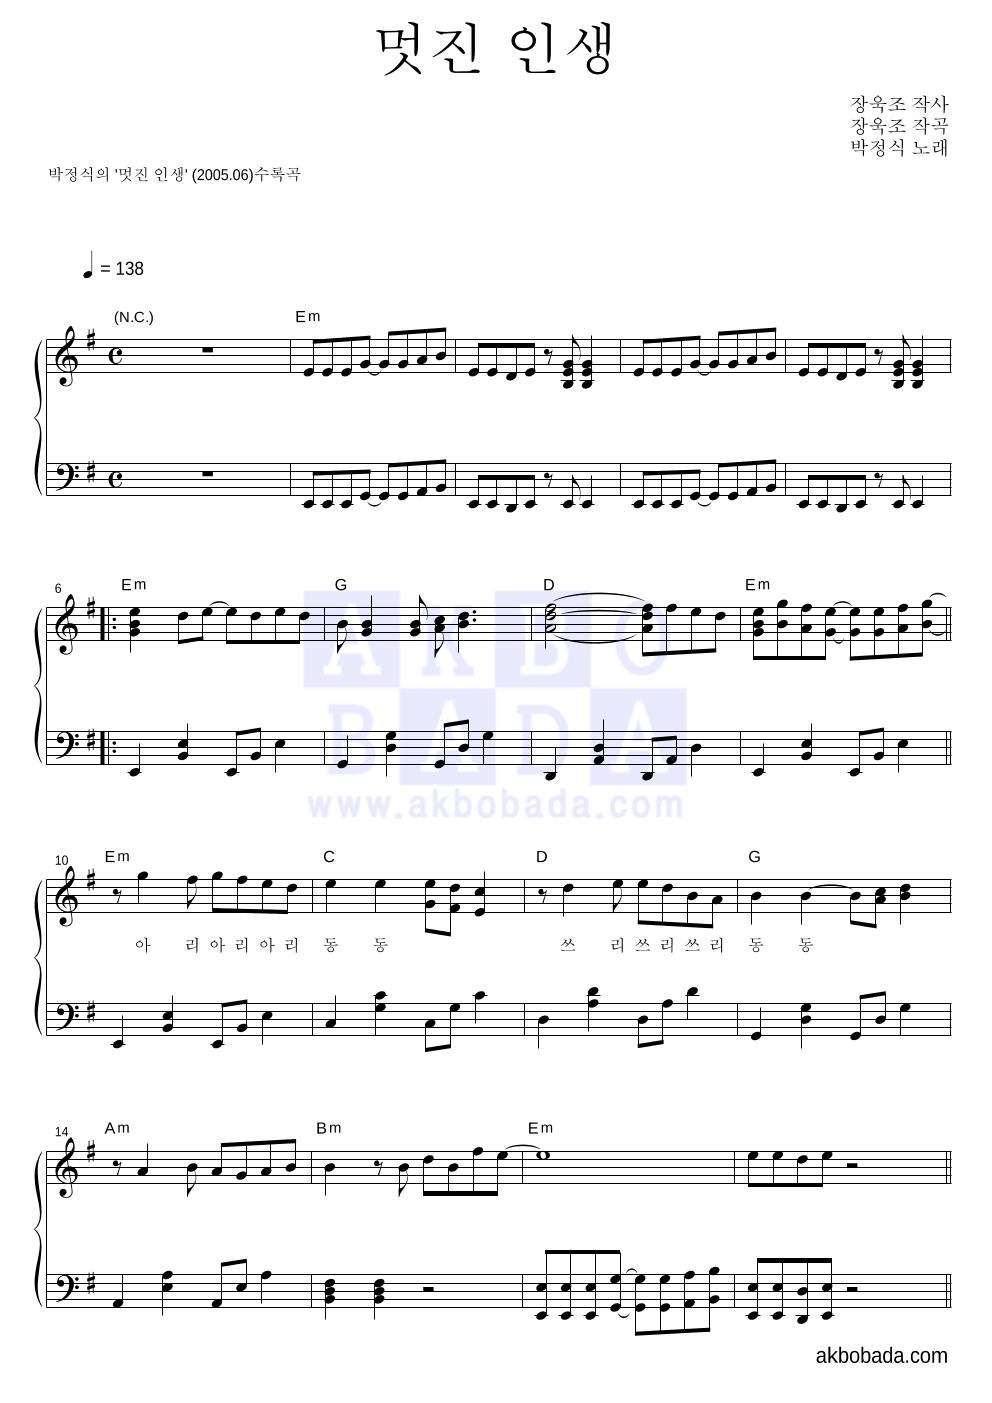 박정식 - 멋진 인생 피아노 2단 악보